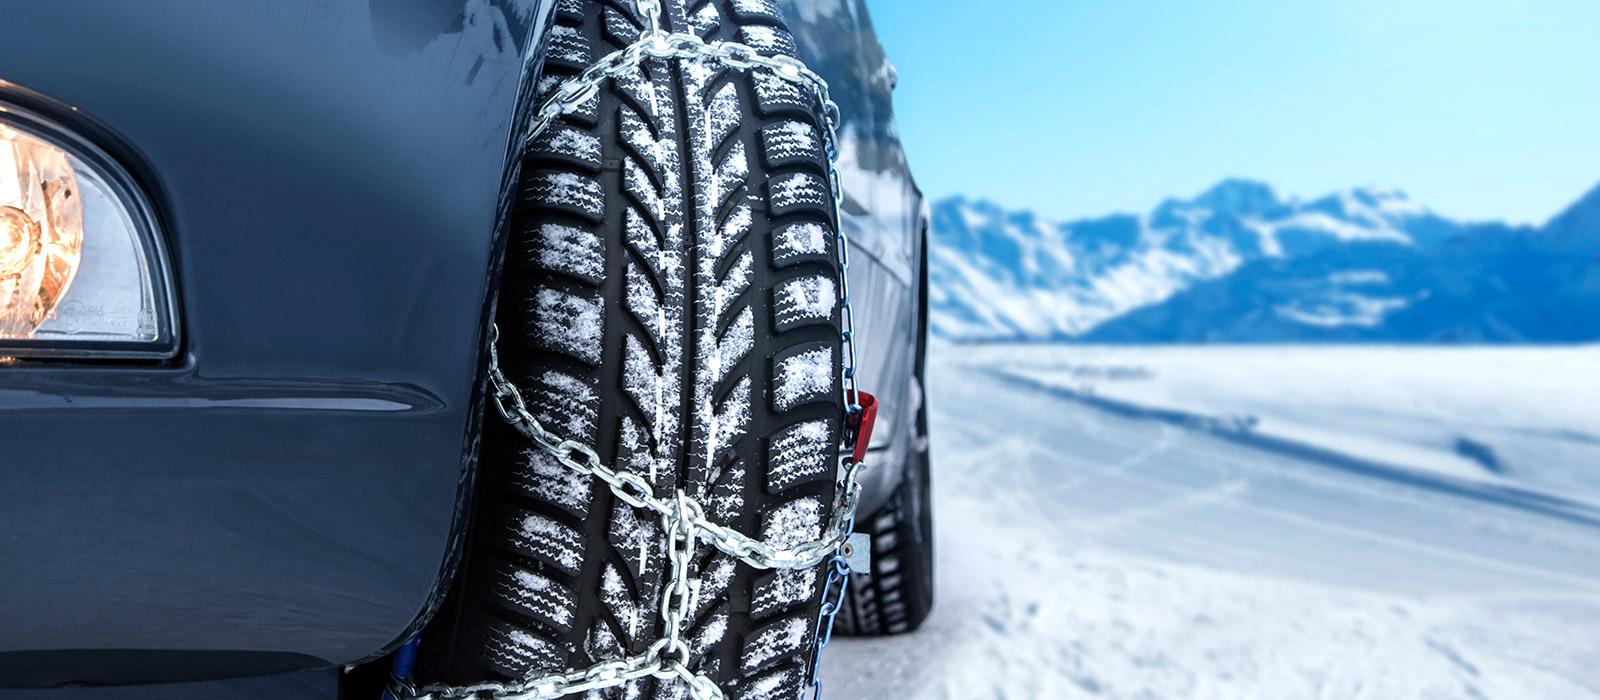 Jezdíte v zimě do hor? Nezapomeňte si přibalit sněhové řetězy